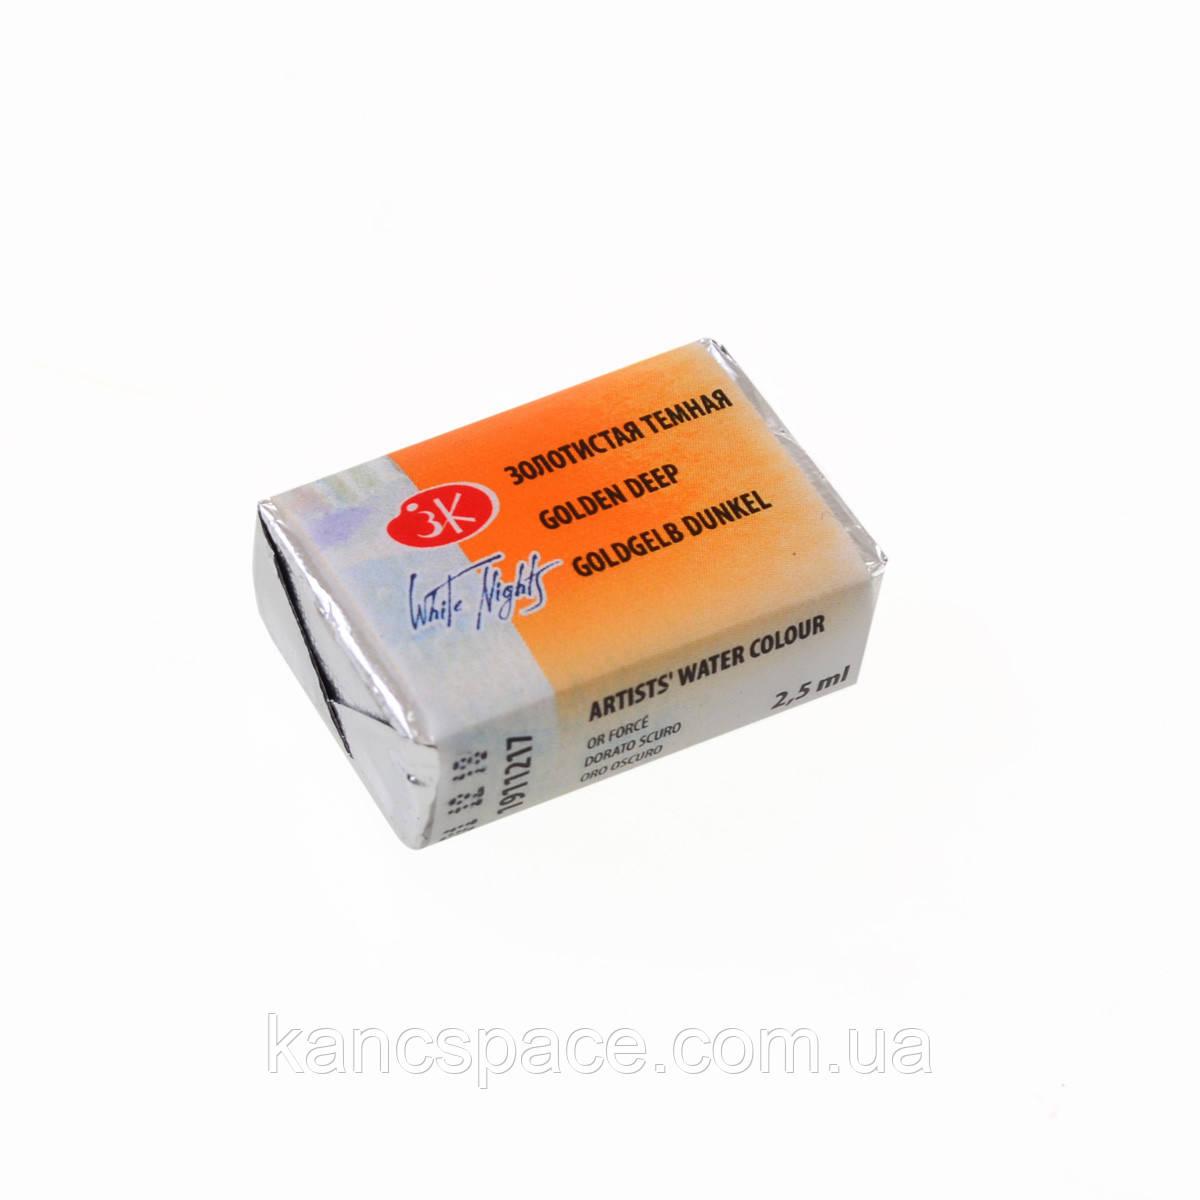 Фарба акварельна КЮВЕТА, золотиста темна, 2.5мл ЗХК